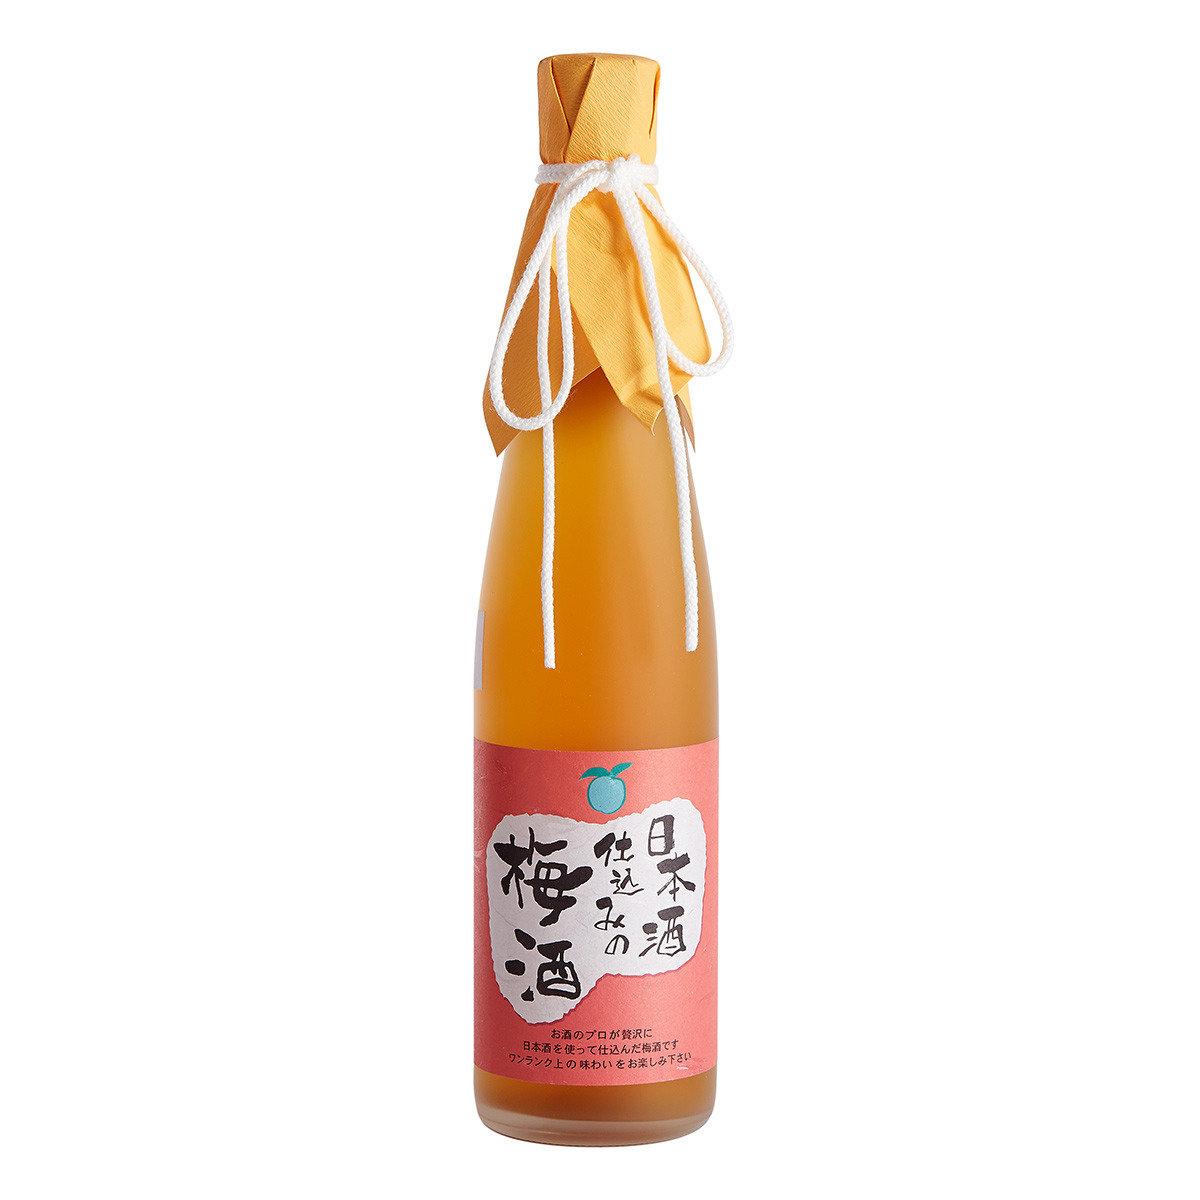 梅子酒(日本直送)